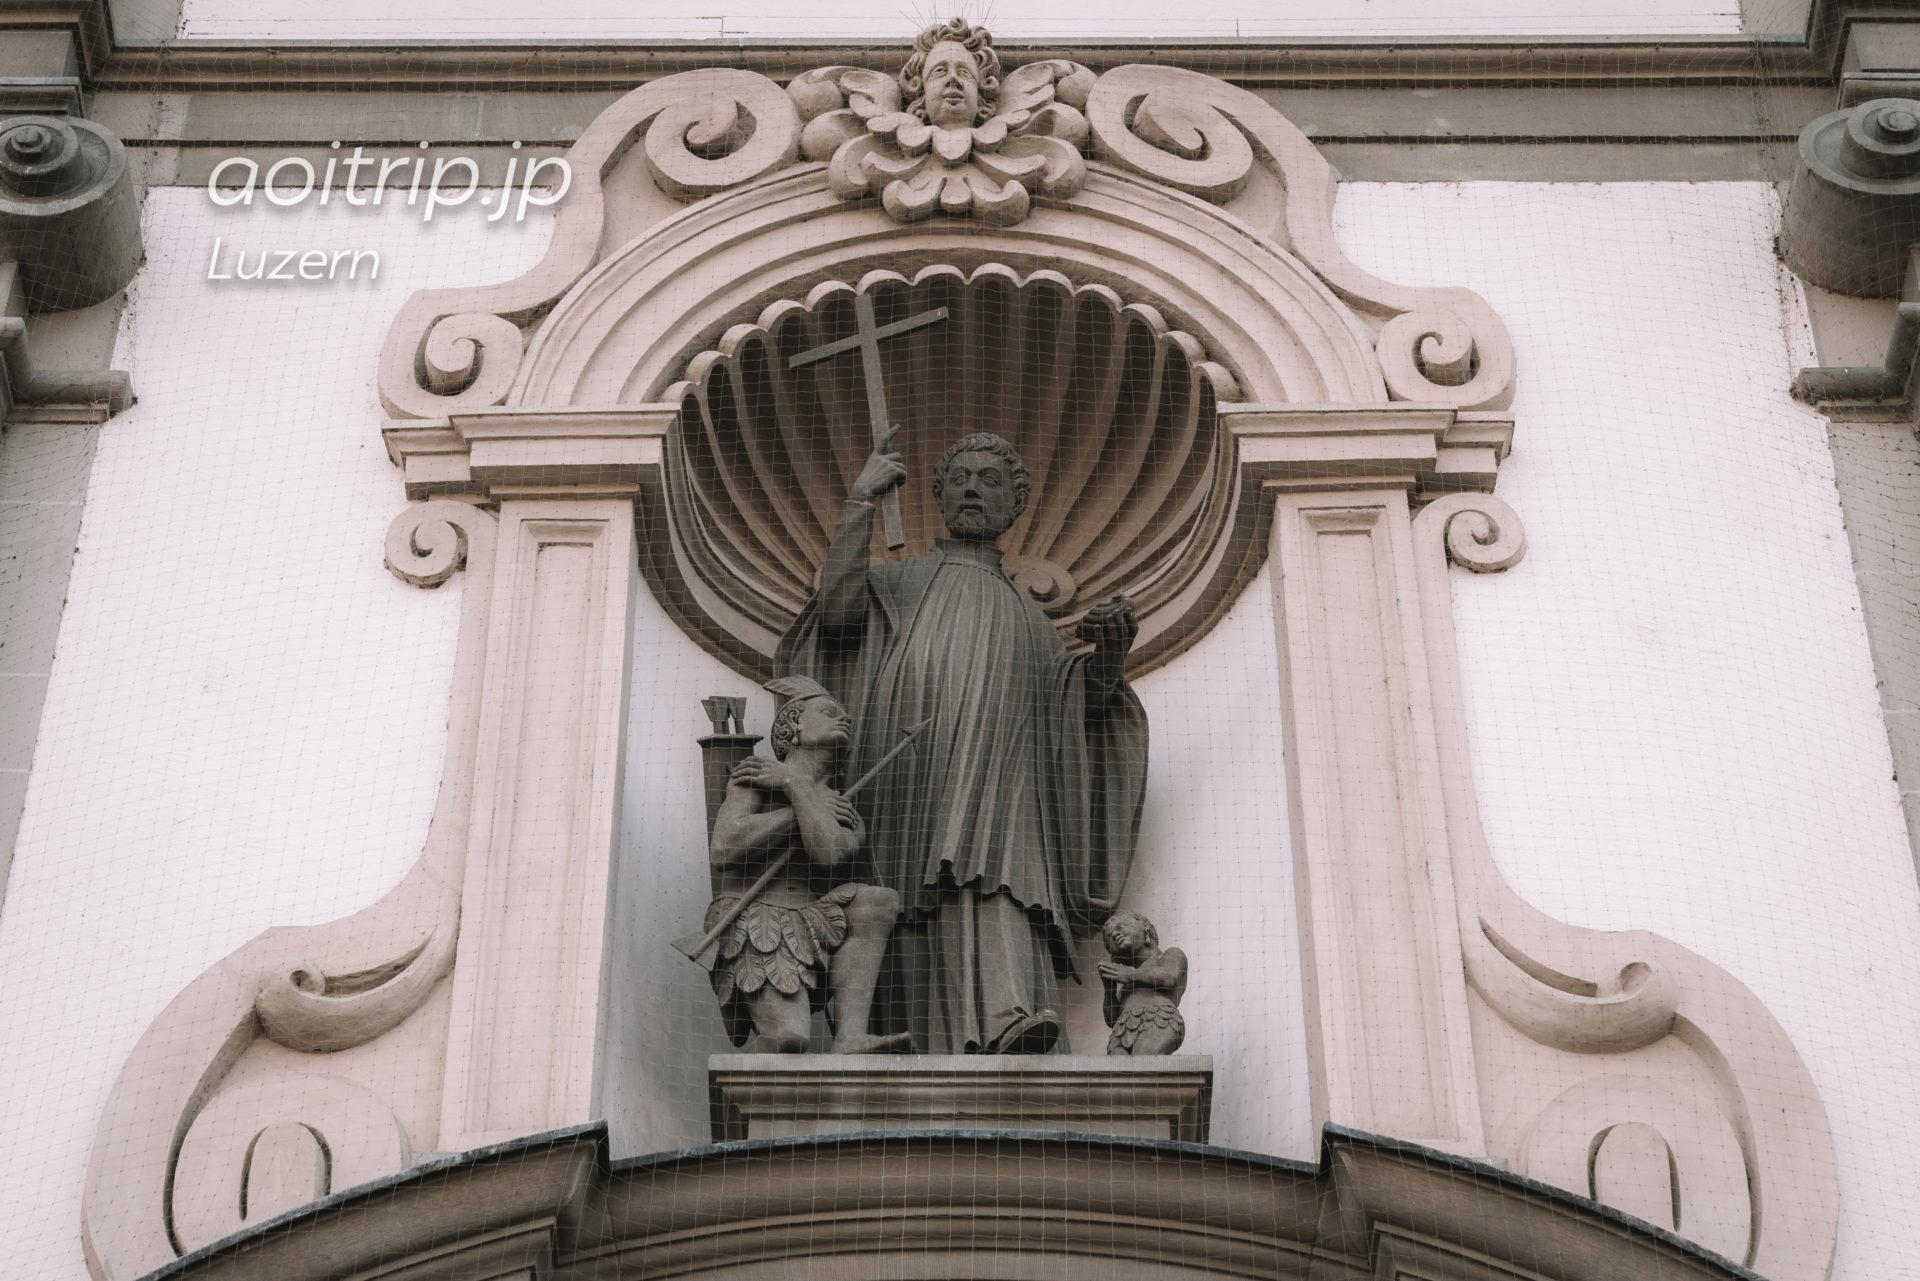 スイス ルツェルンのイエズス会教会(Jesuitenkirche)のフランシスコザビエル像